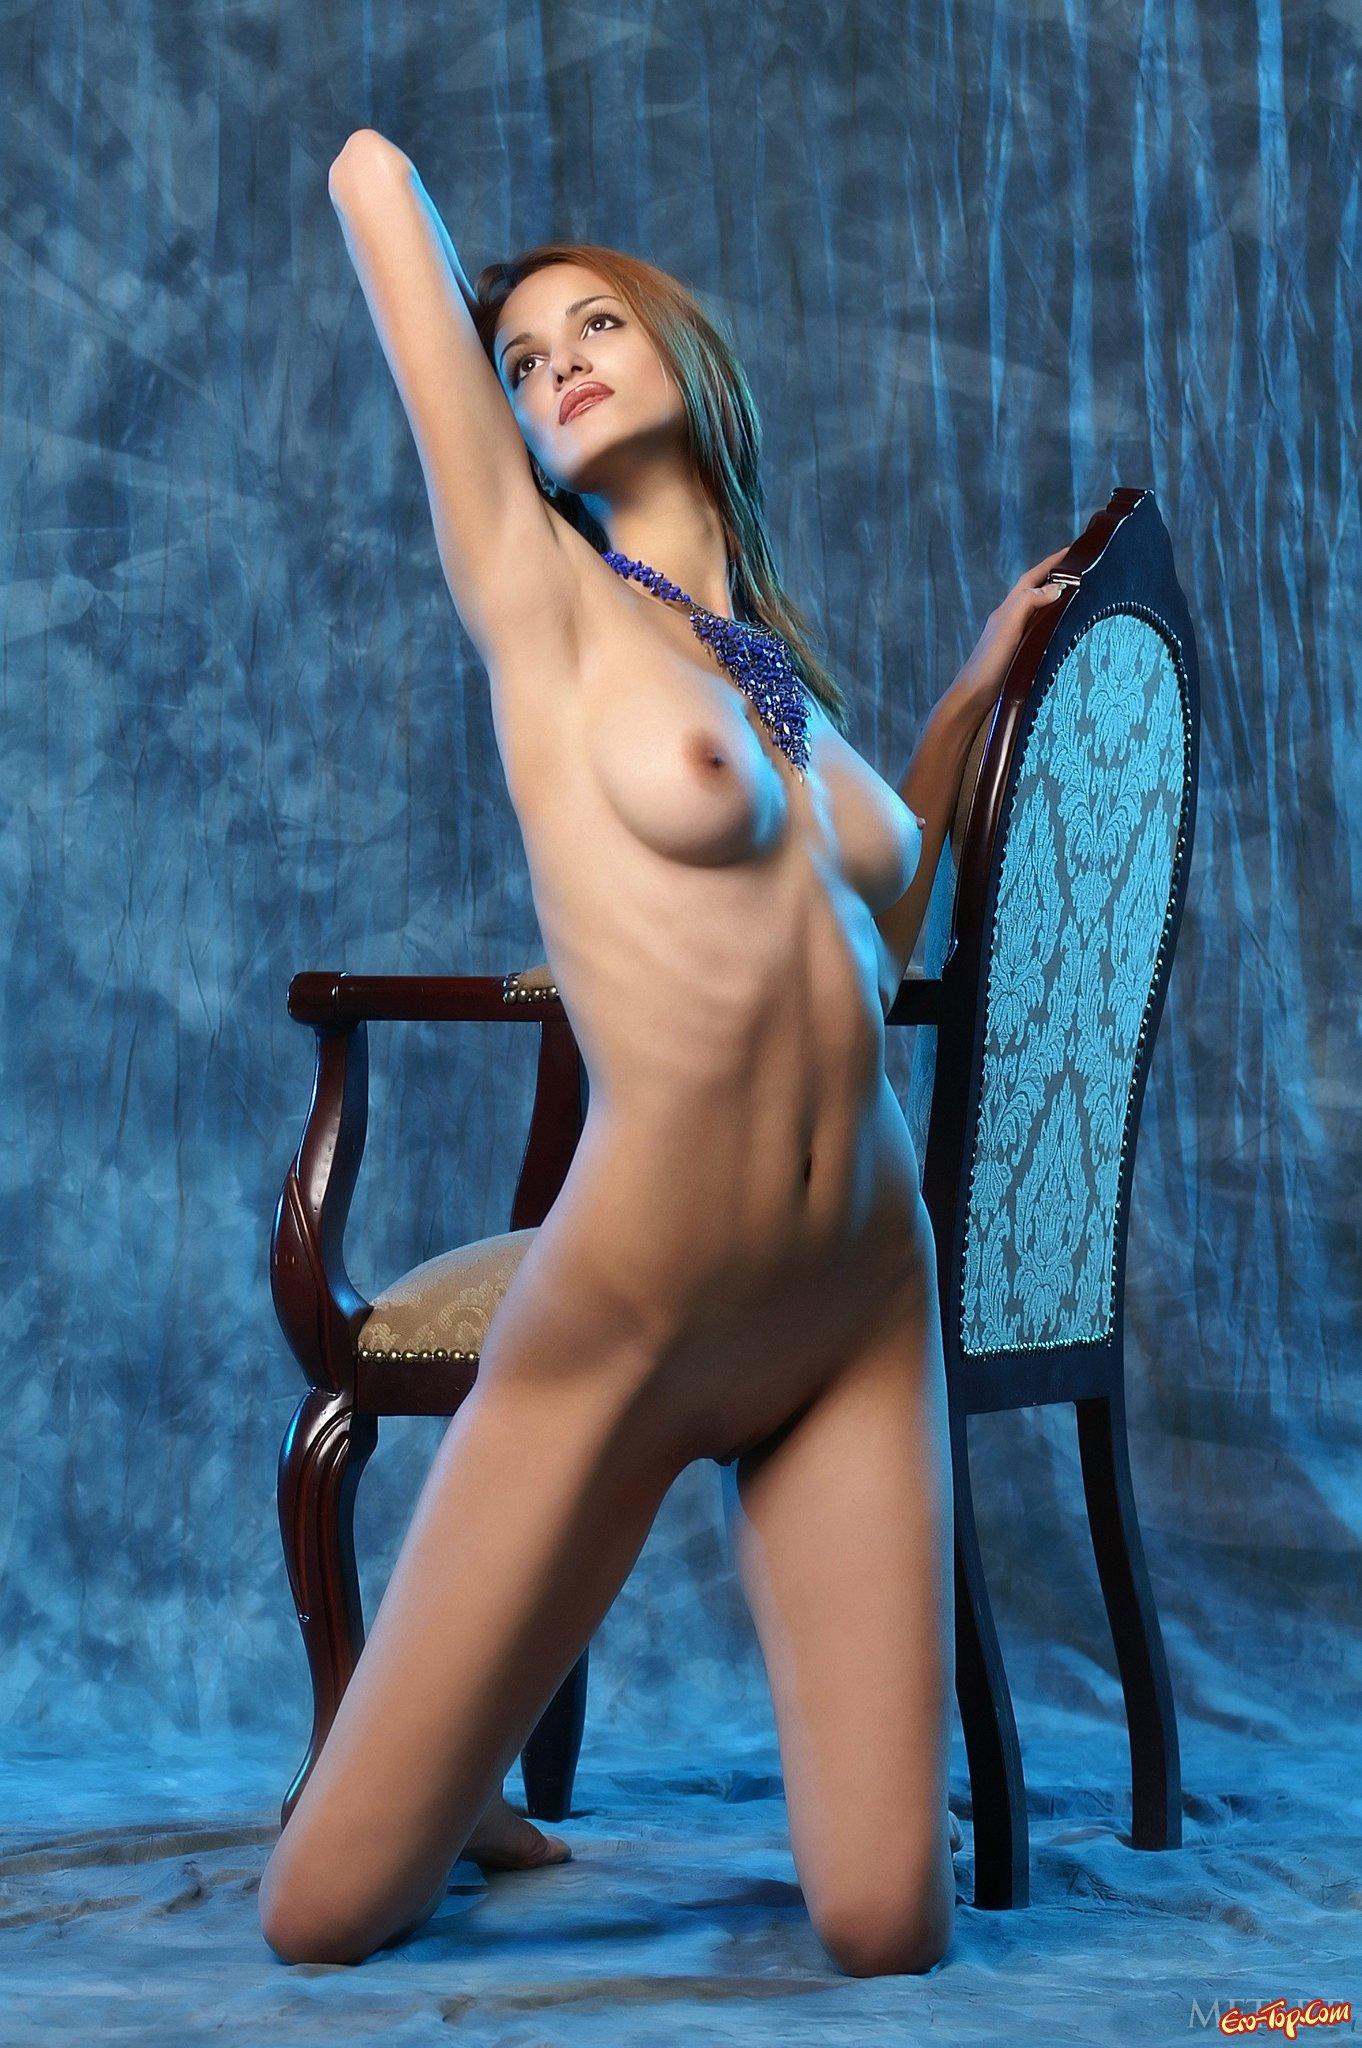 Привлекательная сучка на стуле